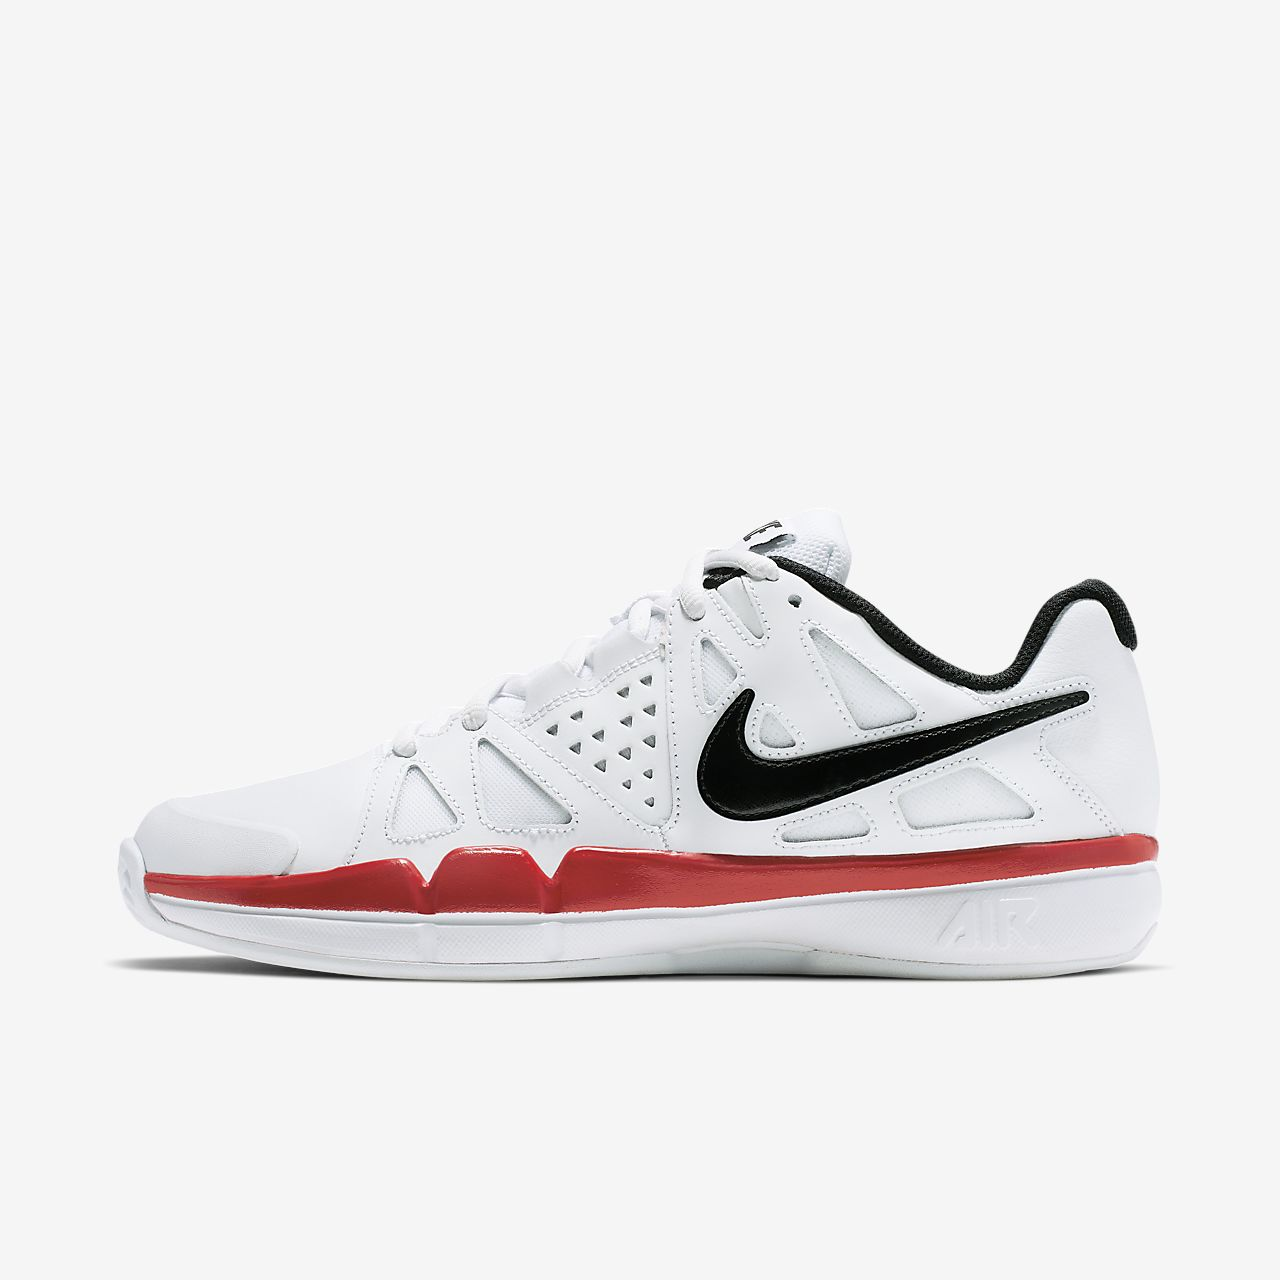 Nike - Vapeur Air Avantage Cuir Chaussures De Tennis - Hommes - Chaussures - Blanc - 35,5